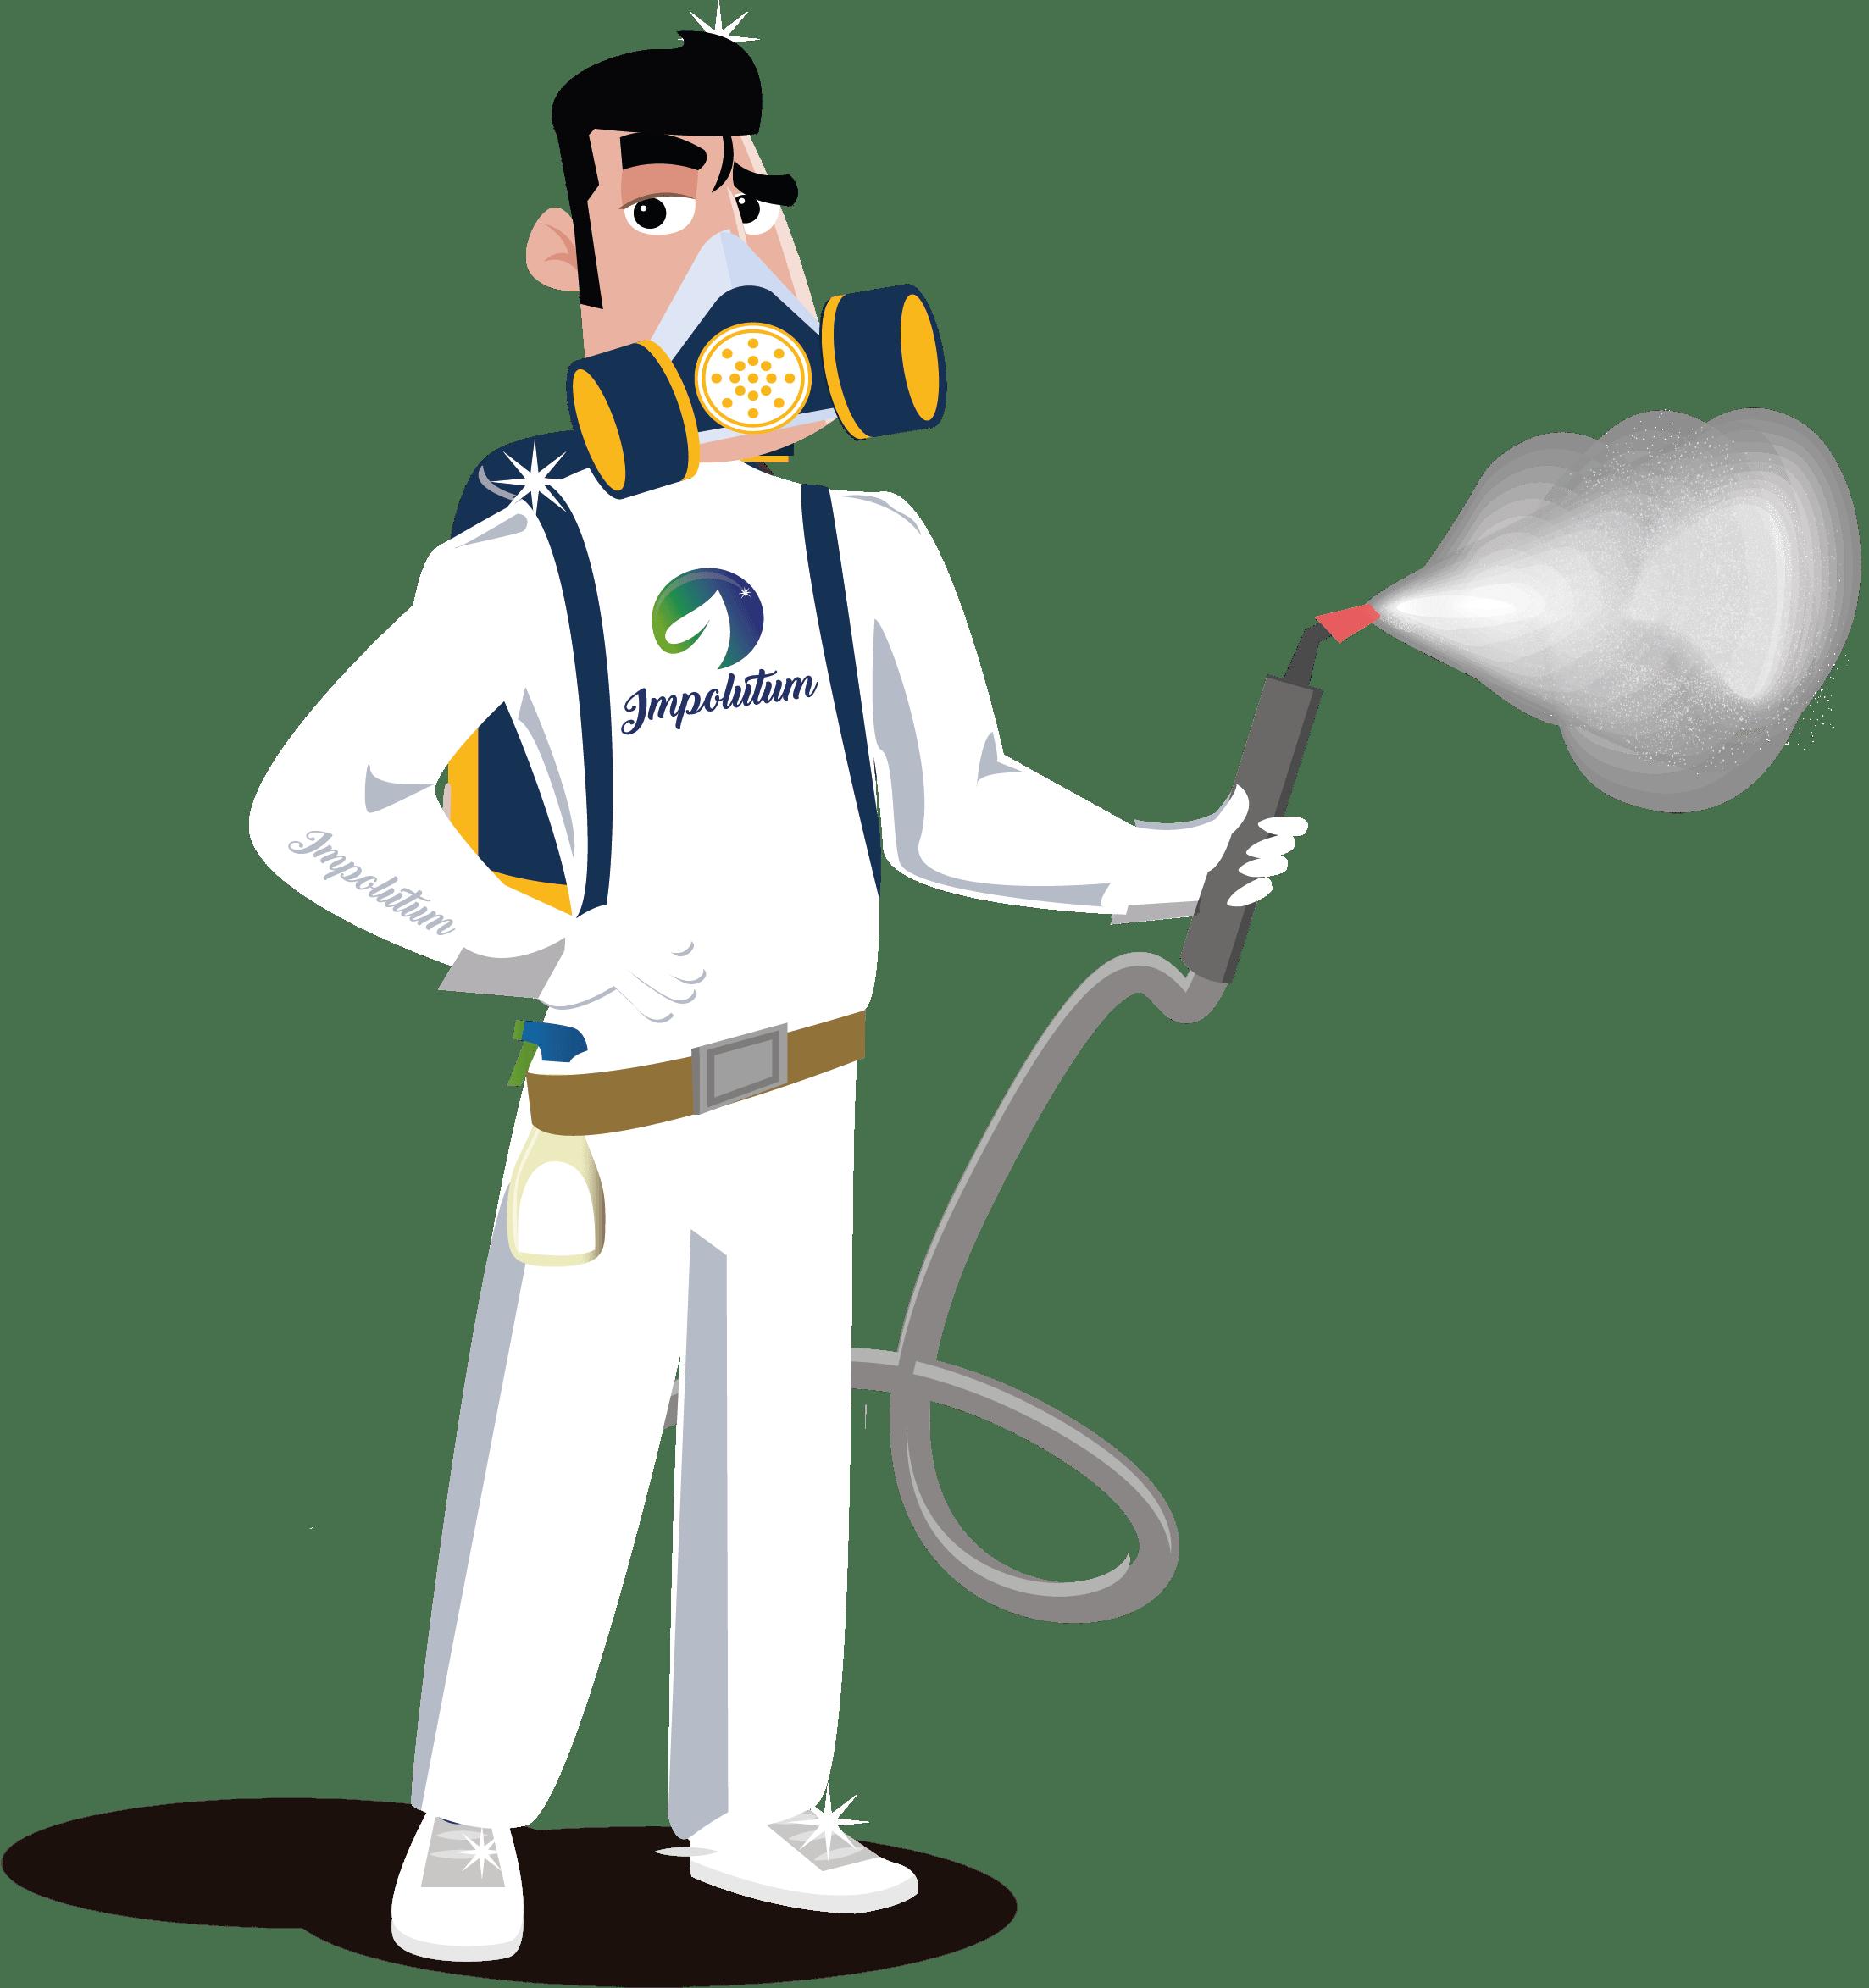 Desinfección por vapor, limpieza profunda, limpieza profesional, desinfecciones, eliminación del virus